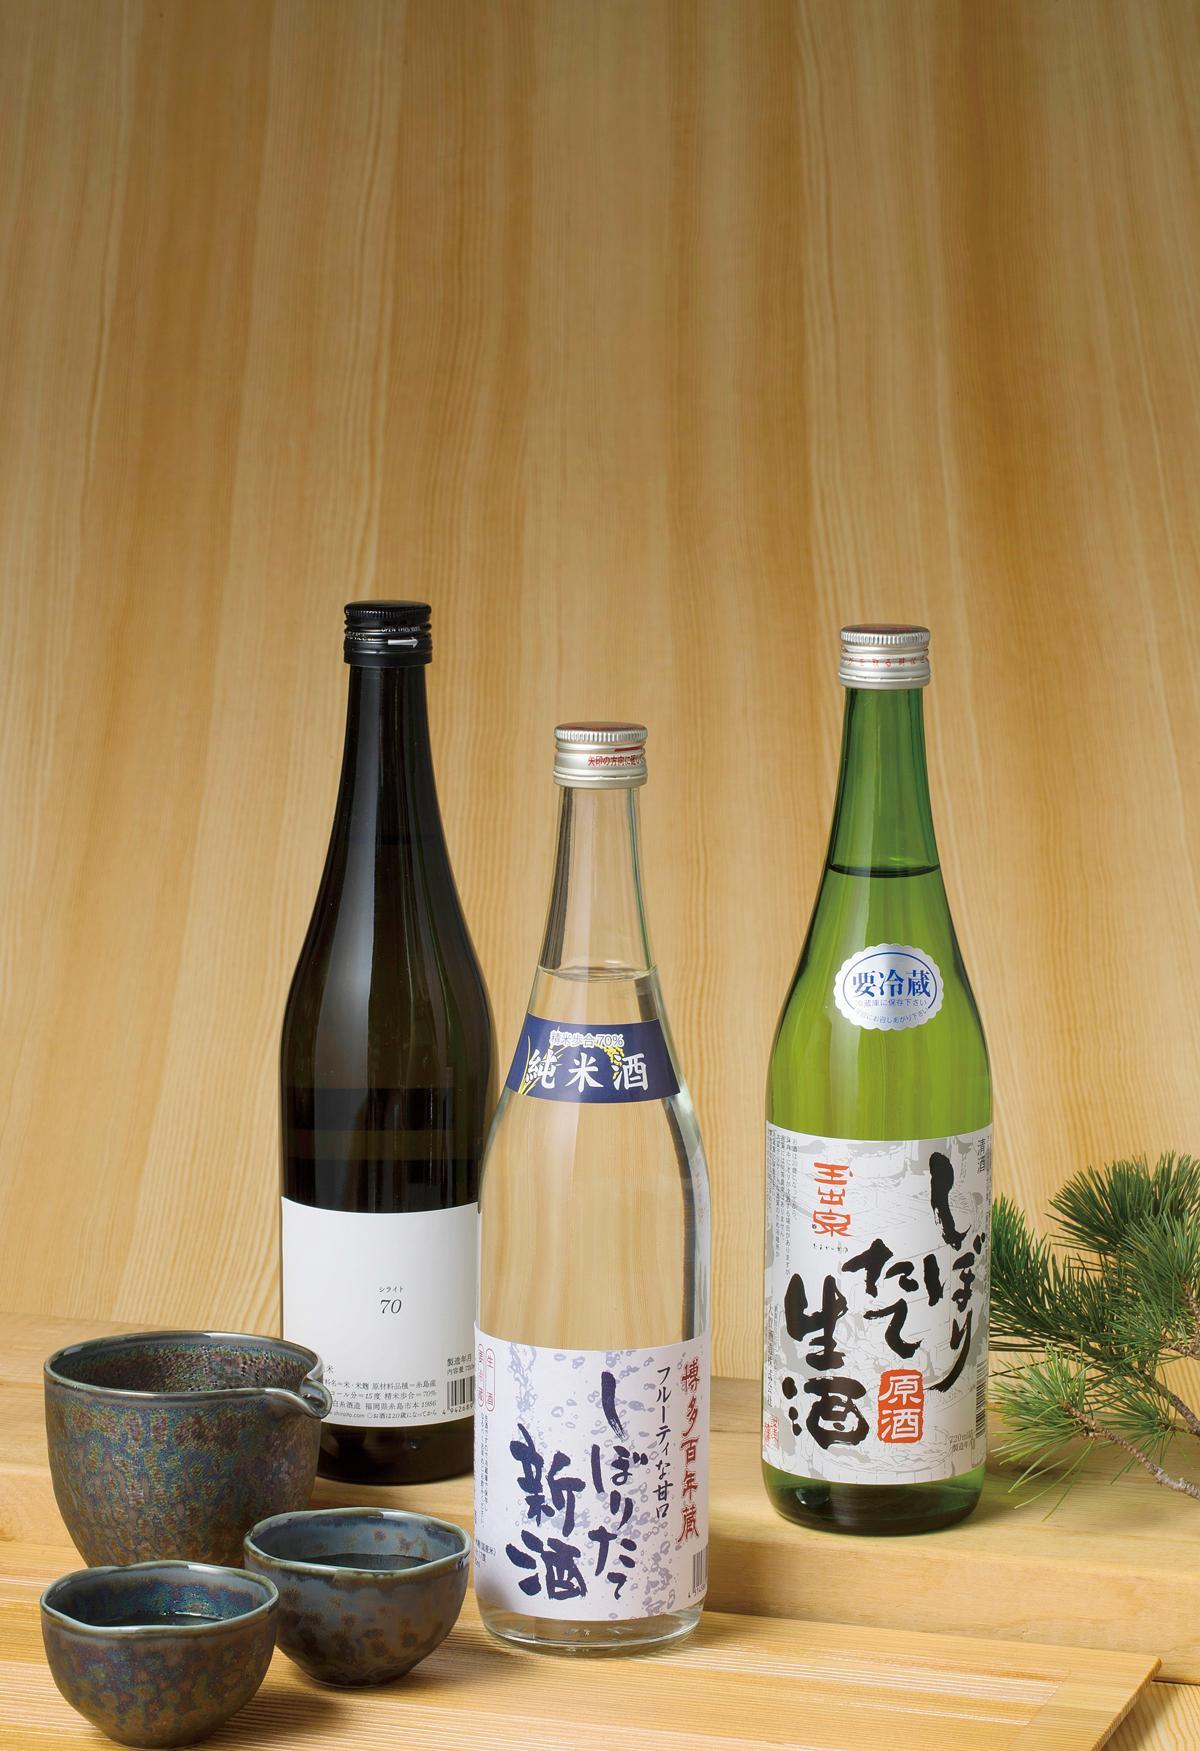 しぼりたて新酒各種(720ml)(1101円から)【福岡県酒造組合 福博支部】